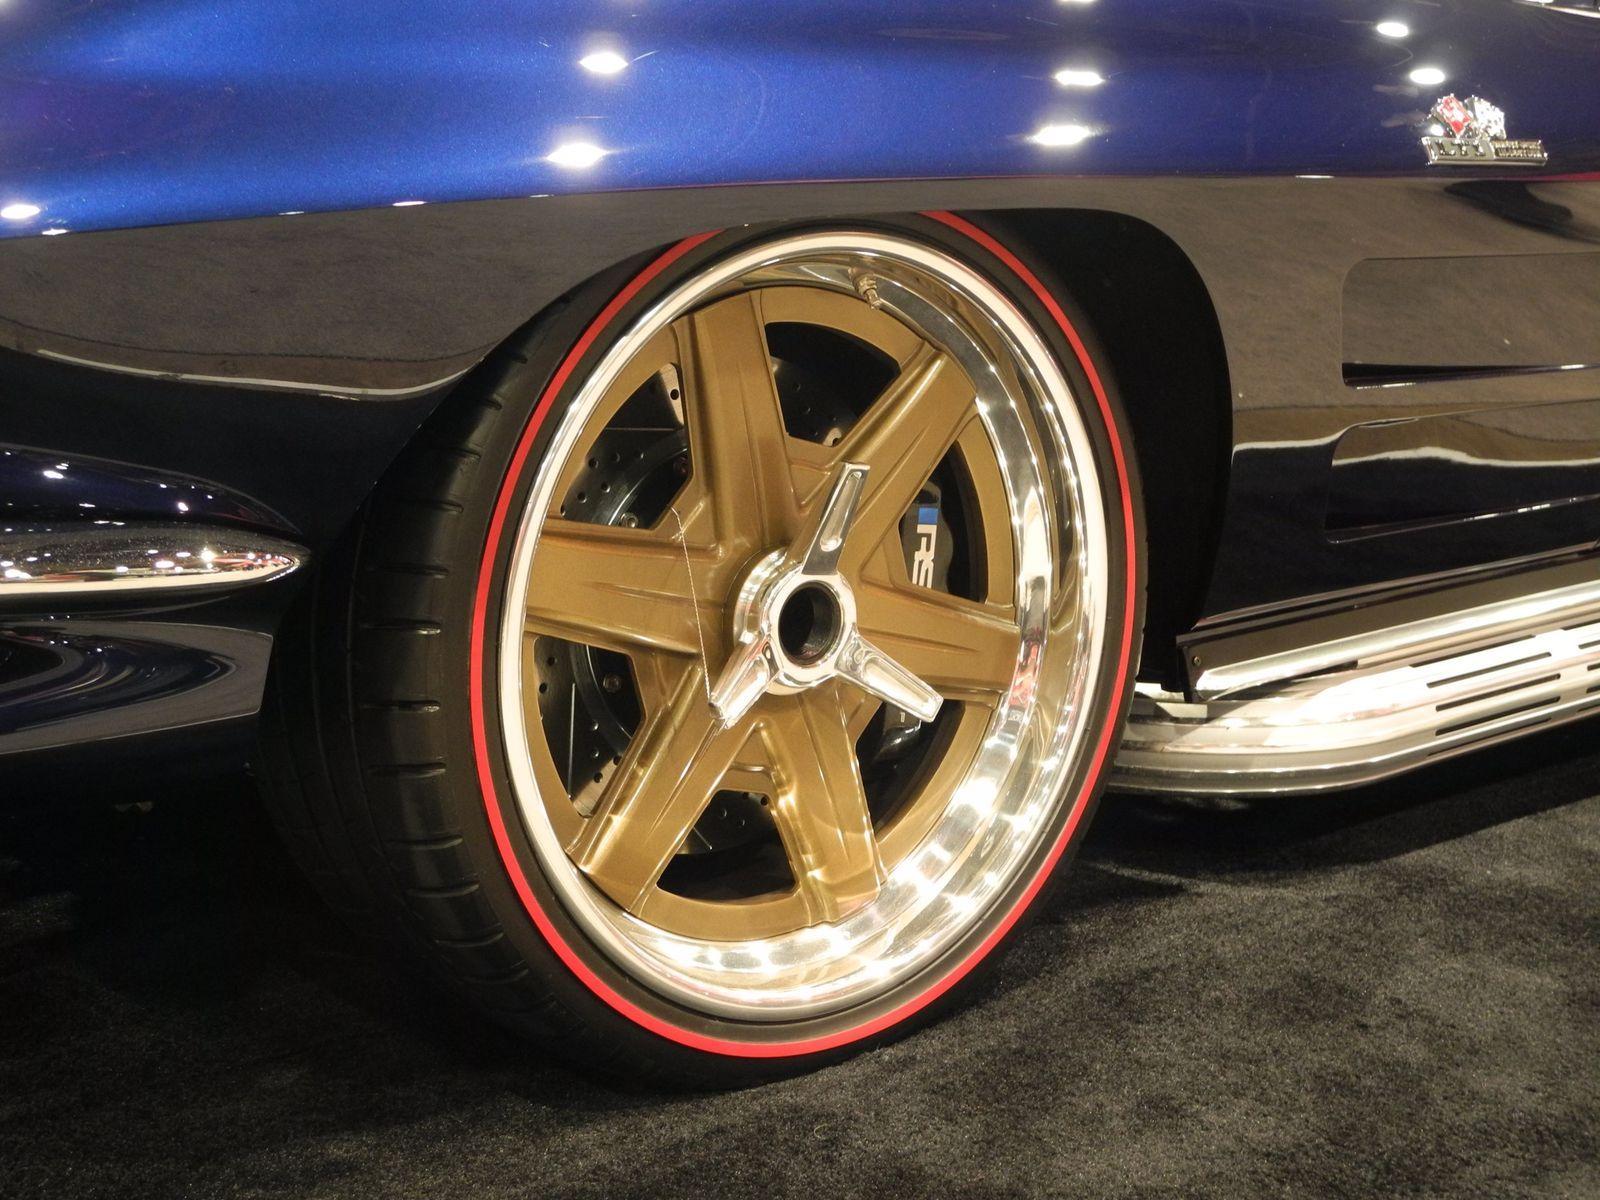 1964 Chevrolet Corvette | Roadster Shop Corvette on Forgeline RS6 Wheels